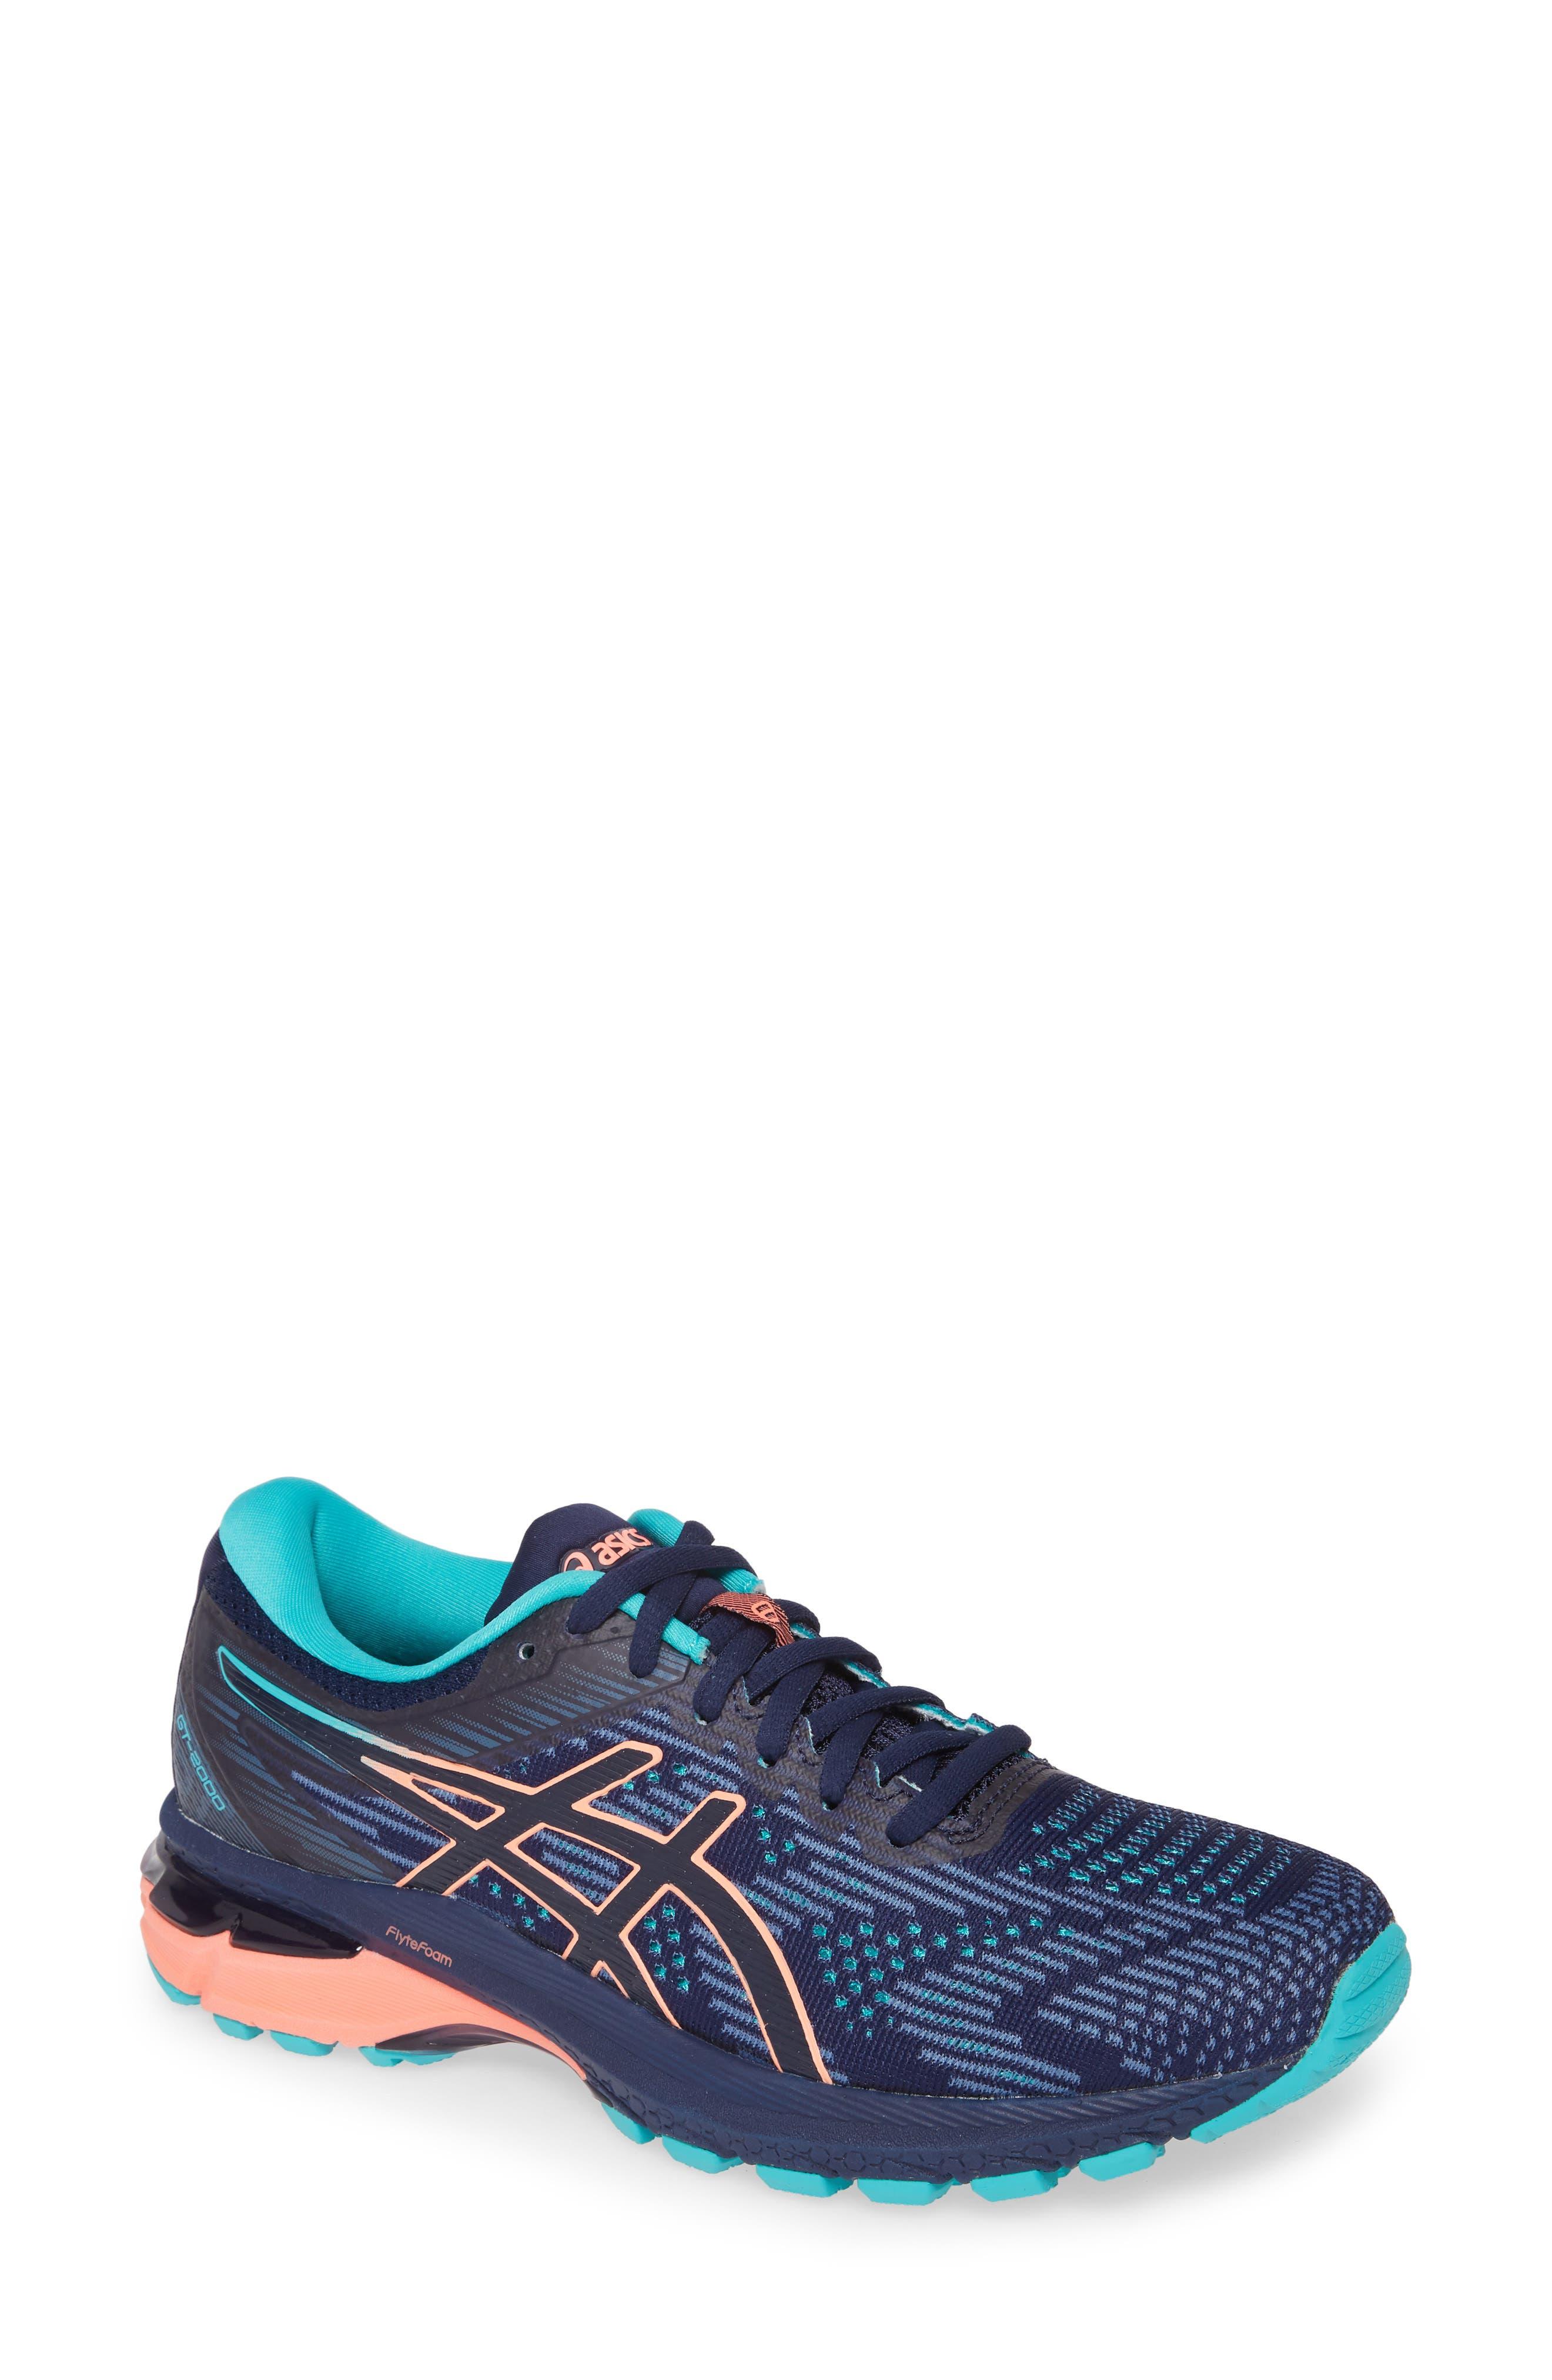 Image of ASICS Jolt 2 Neutral Running Sneaker